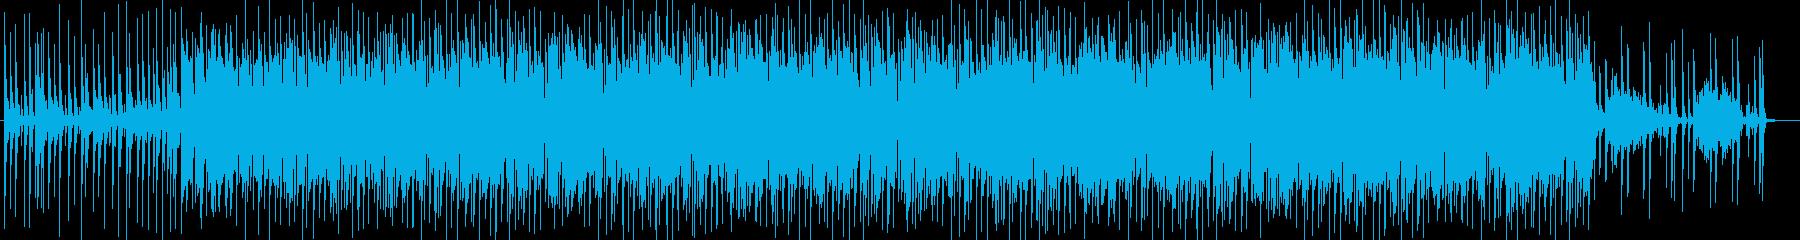 気持ち良いサーフロックの再生済みの波形